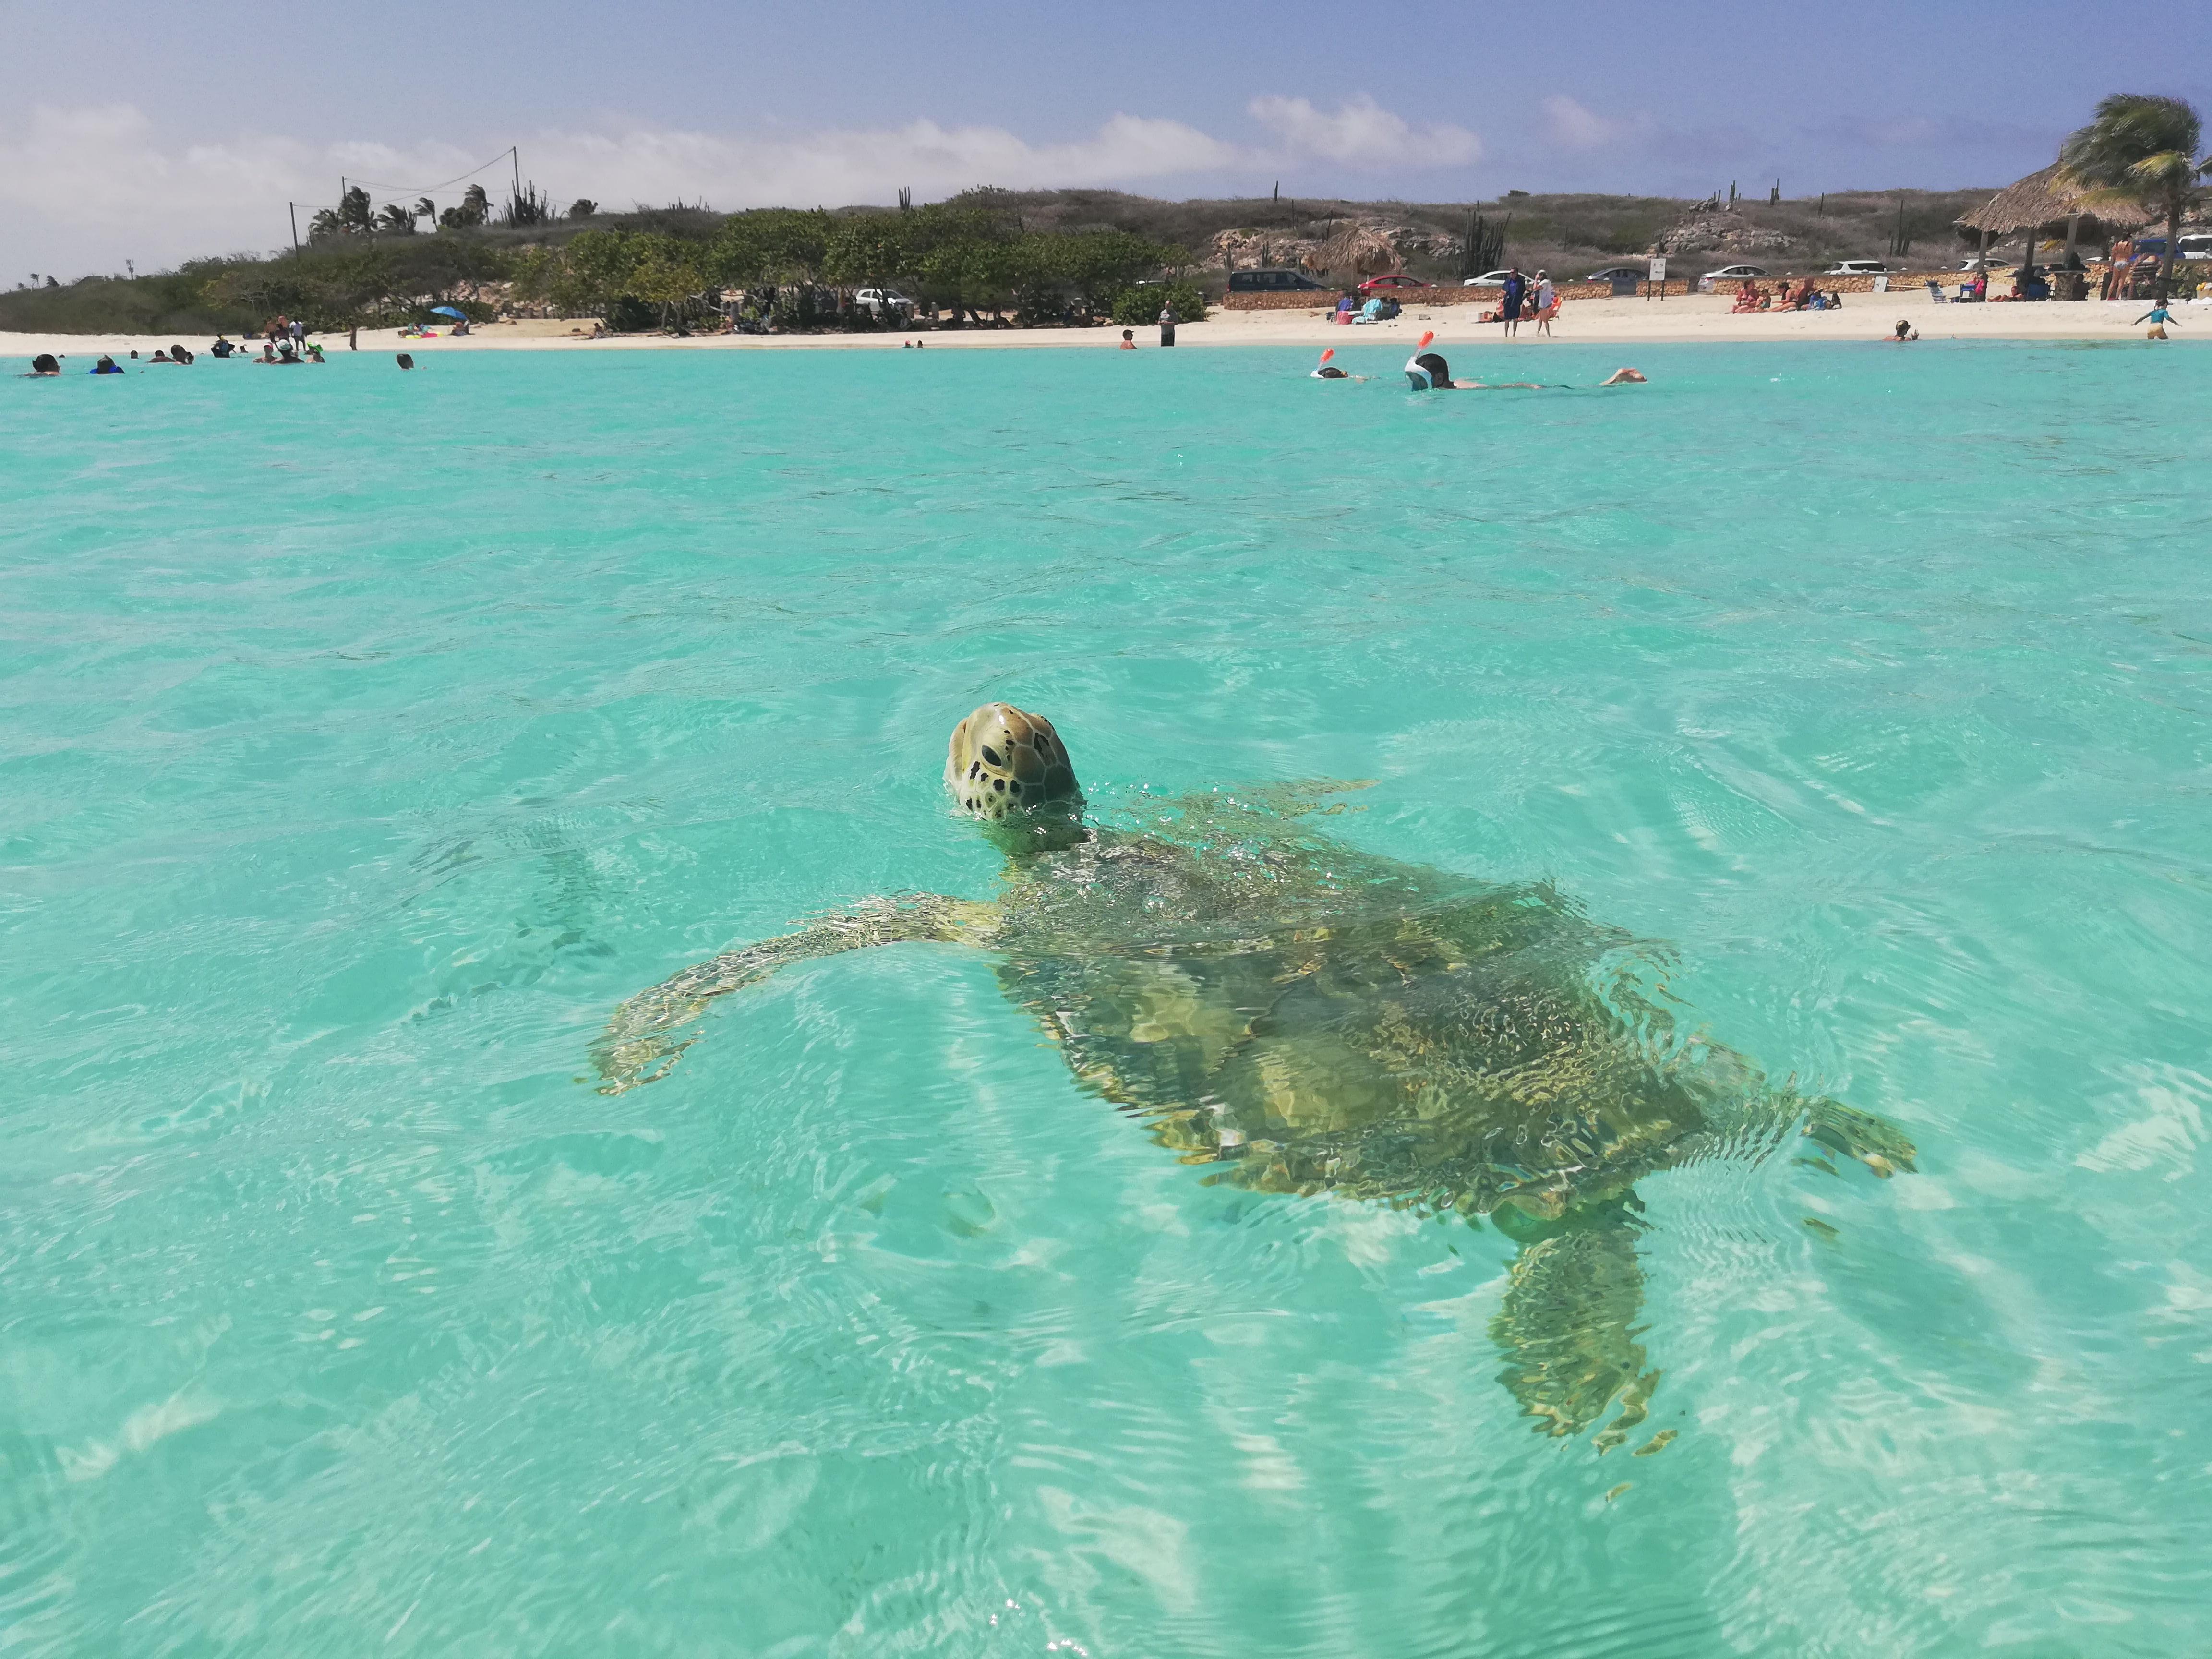 aruba turtle, TARTARUGHE NELL'ISOLA DI ARUBA, BABY BEACH